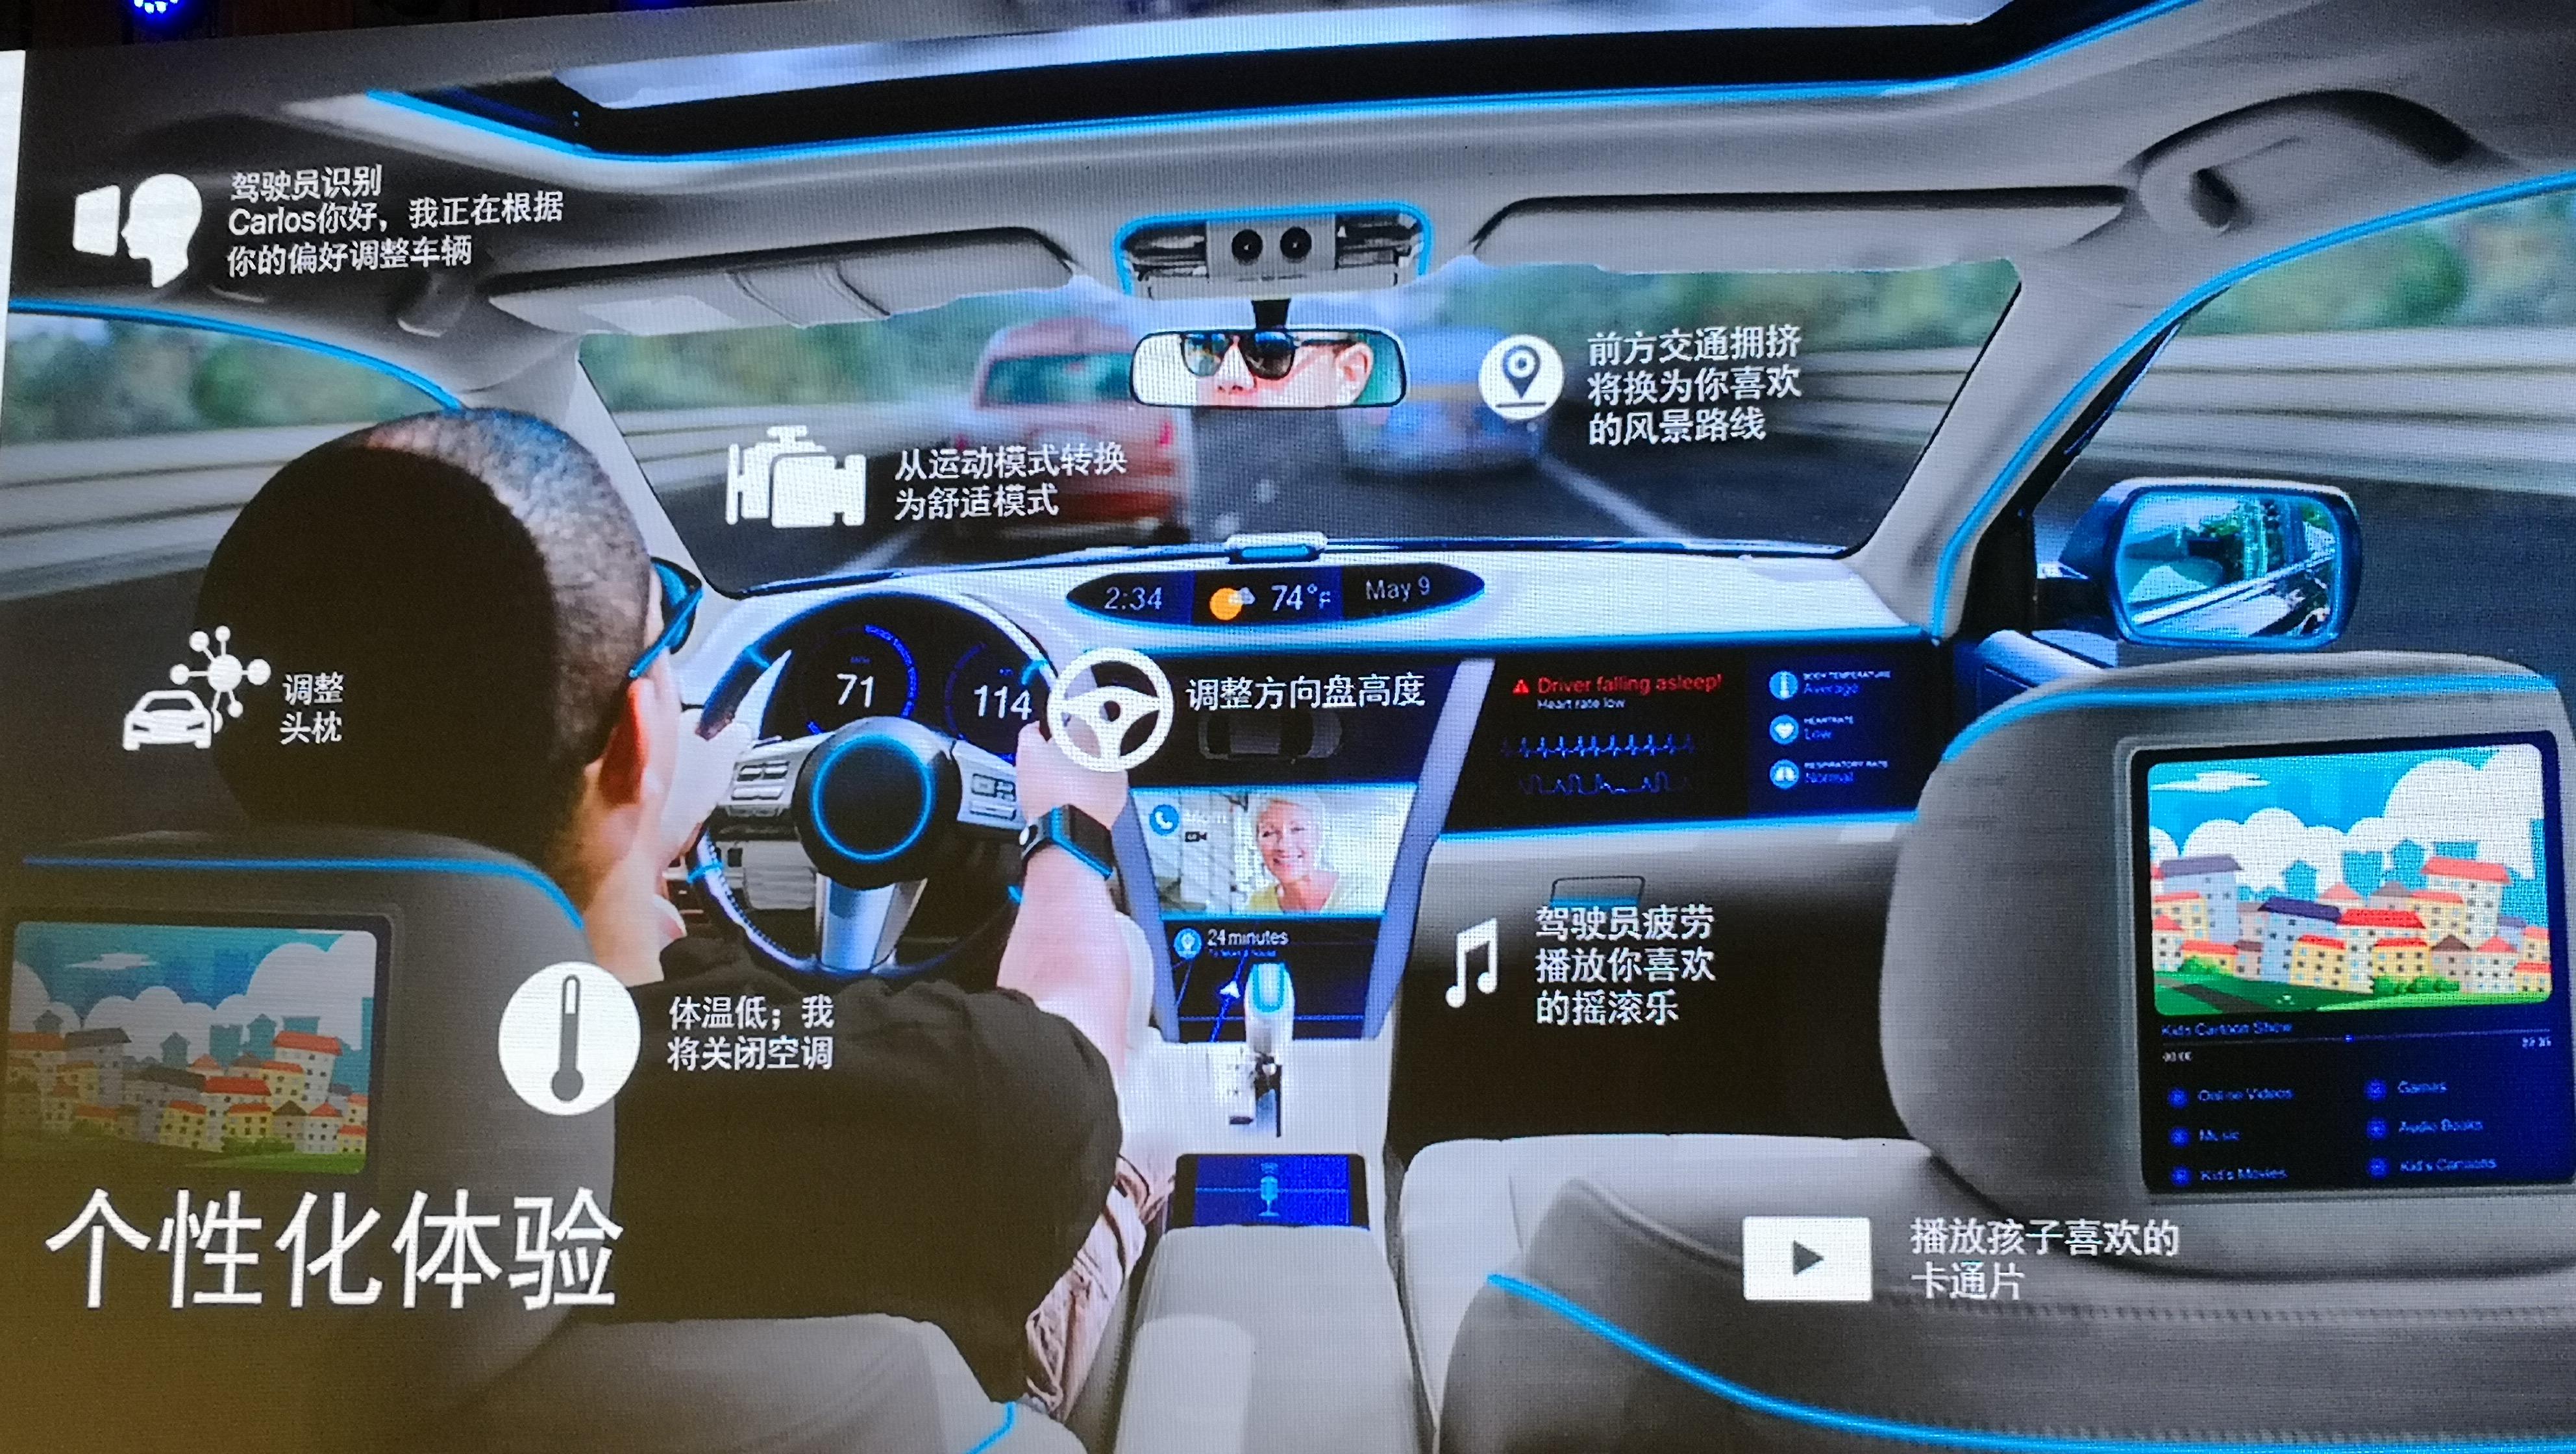 同样在出行场景中,未来将能体验许多个性化的服务。当人工智能发现驾驶人进入疲劳状态时,会自动播放他喜欢的摇滚乐,同时,AI将侦测人体温度并自动进行车内调温、依照你的体型为你自动调整头枕在最舒适的状态。